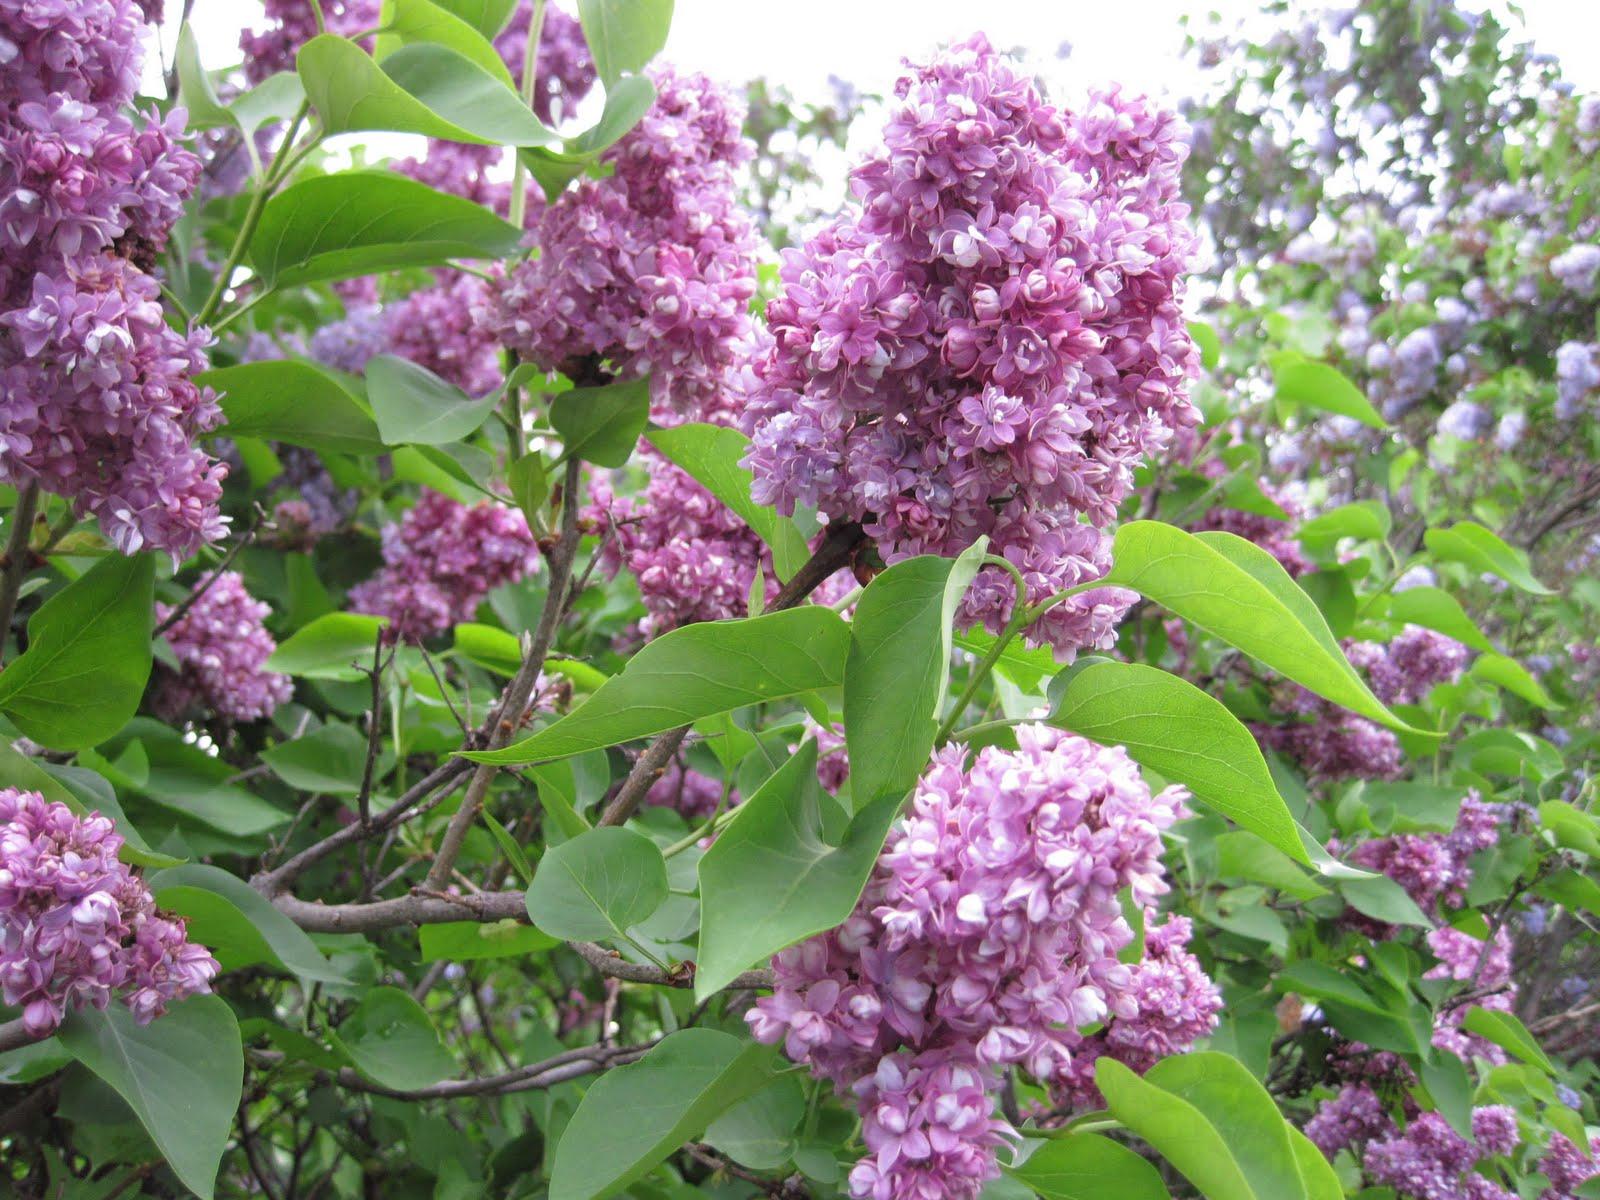 Gordon w fredrickson lilacs